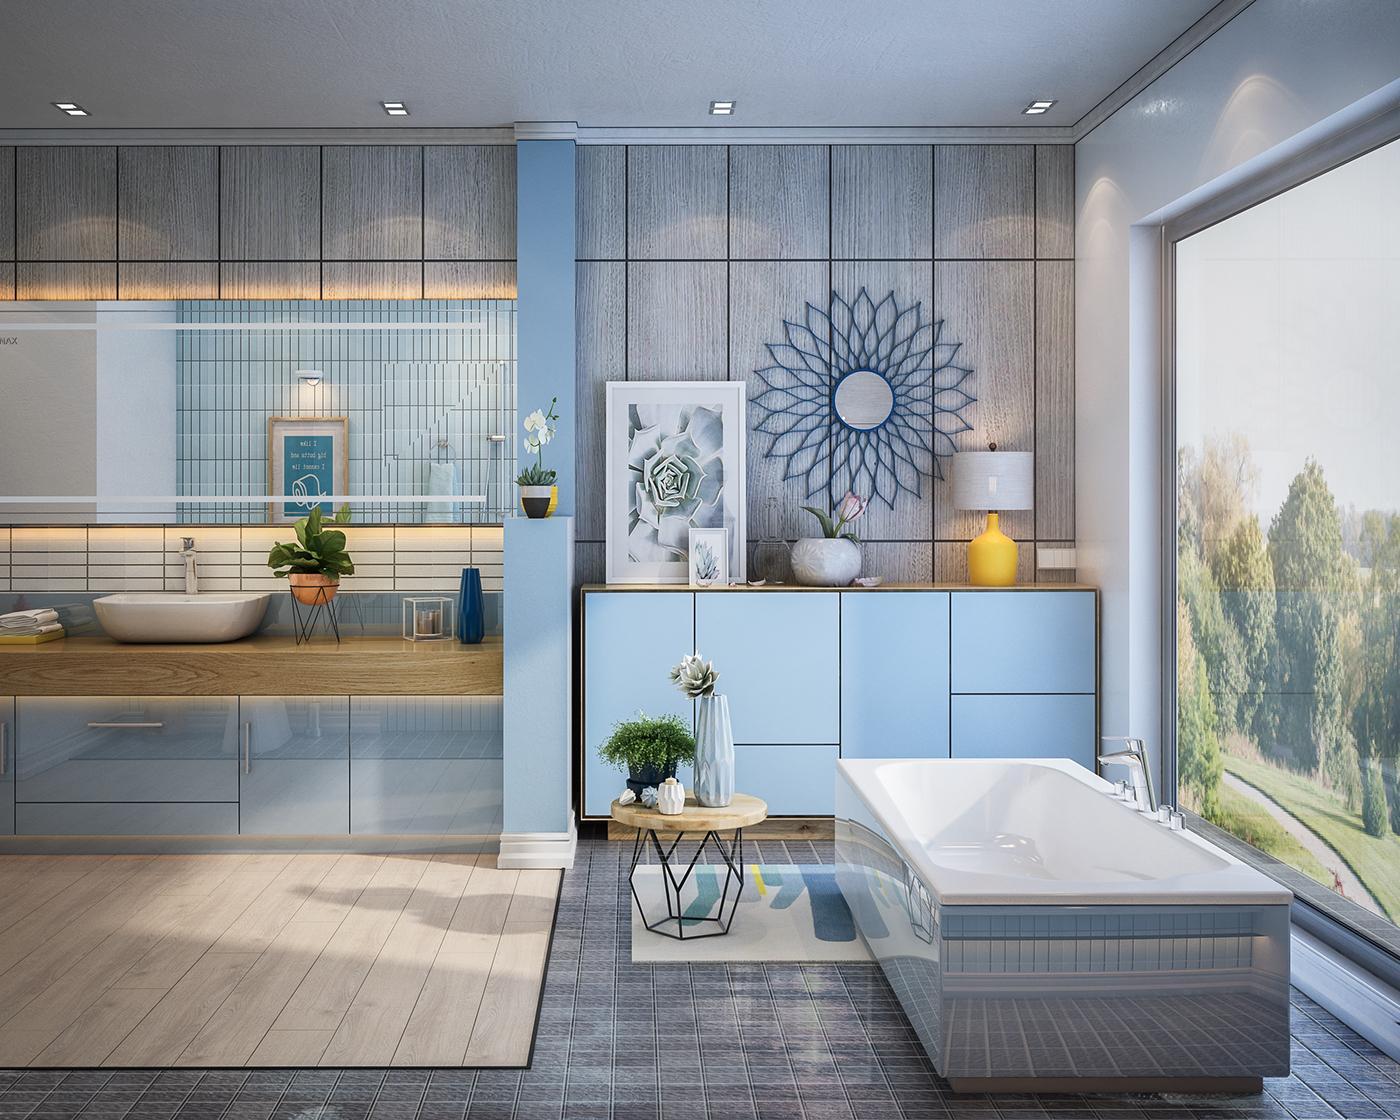 thiết kế nội thất Biệt Thự tại Hà Nội Bathroom design 2016 2 1534389458